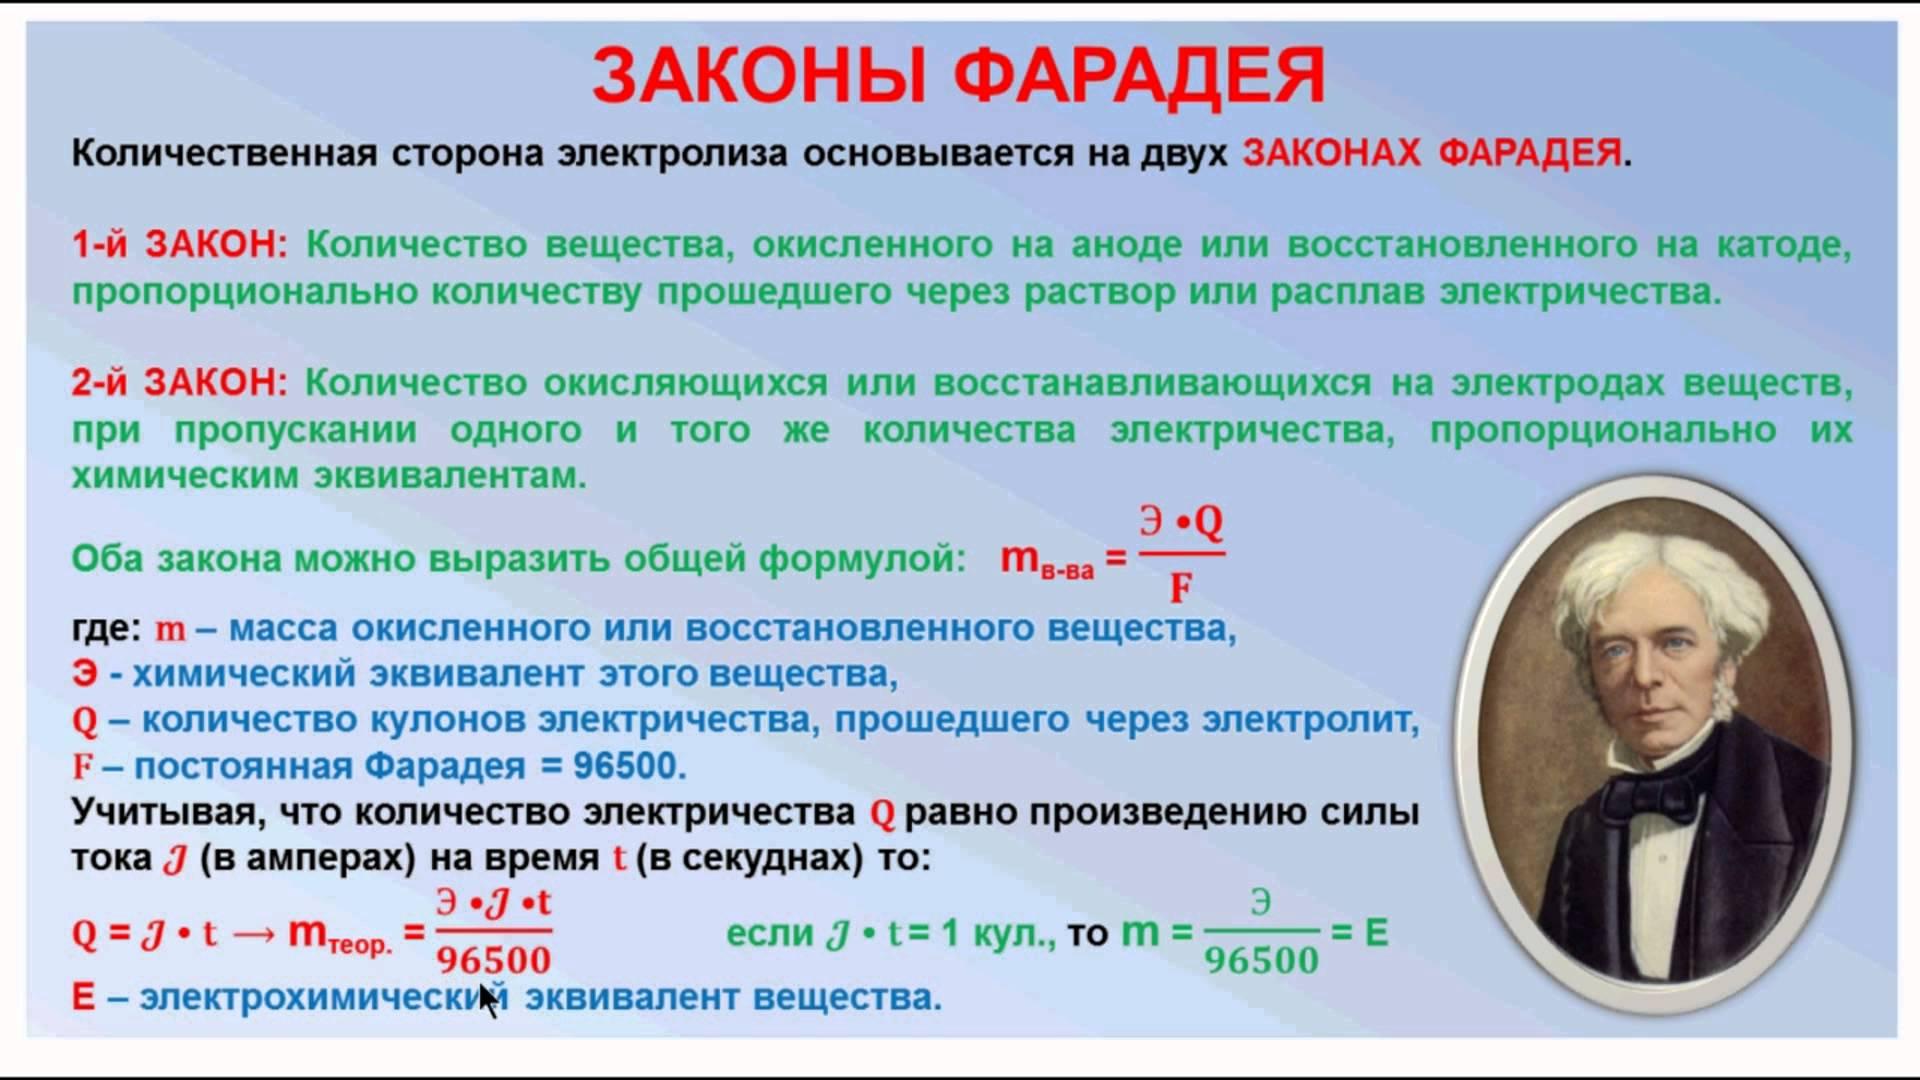 открытие электромагнитной индукции фарадеем